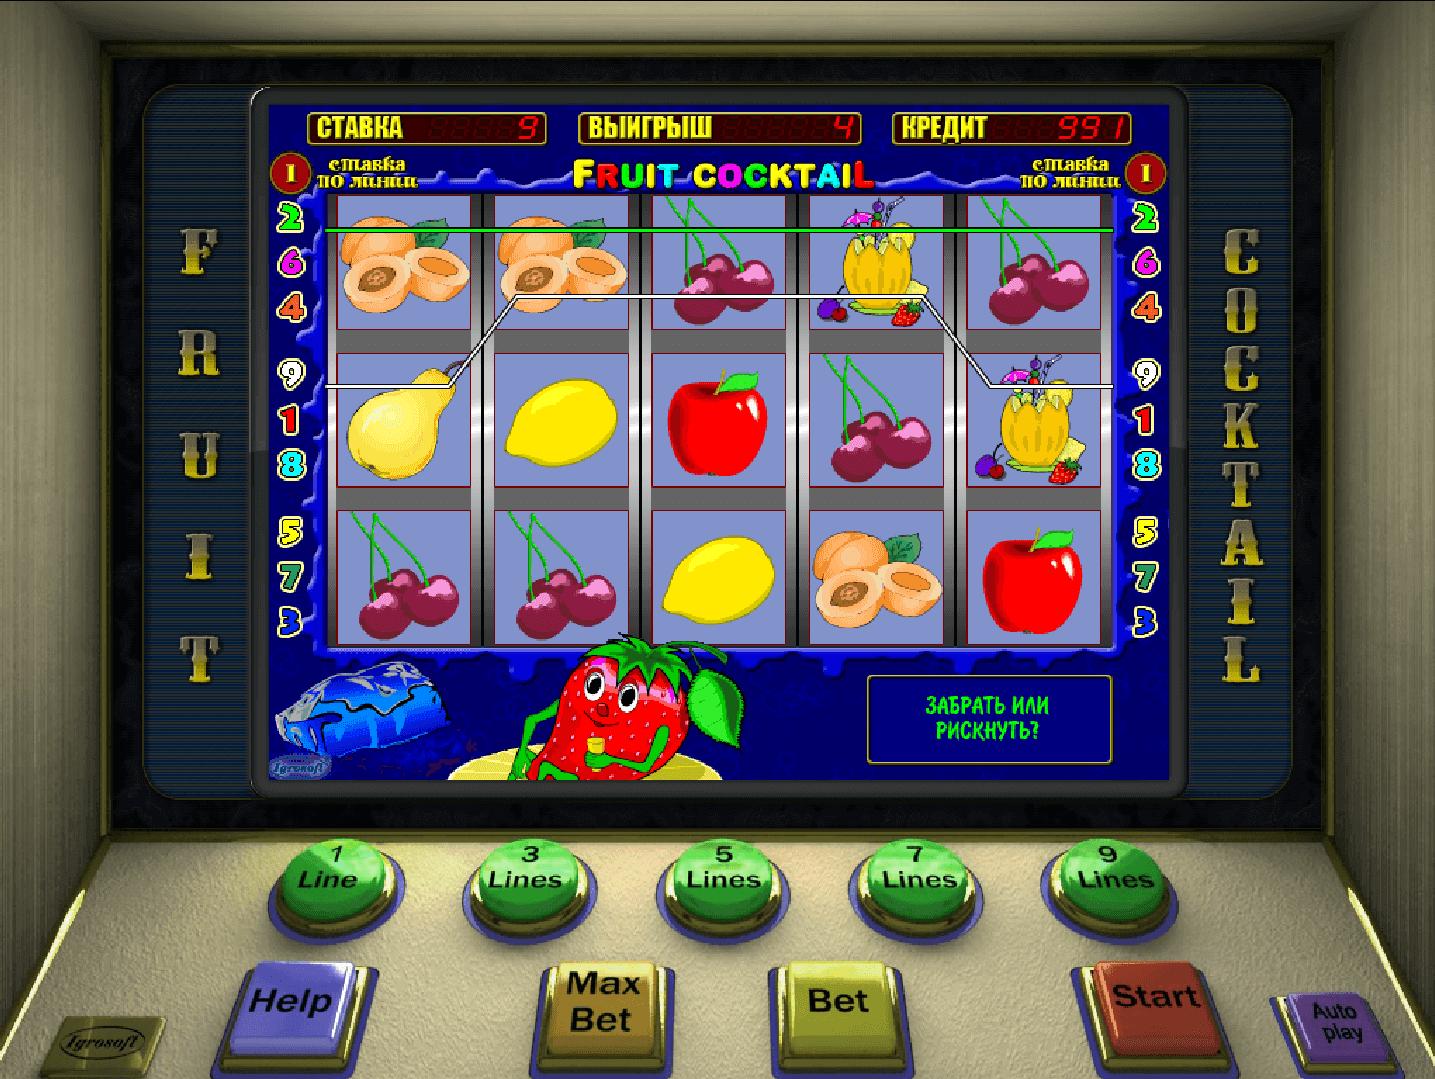 Скачать слот игрового автомата бесплатно играть в игровые автоматы бесплатно слоты